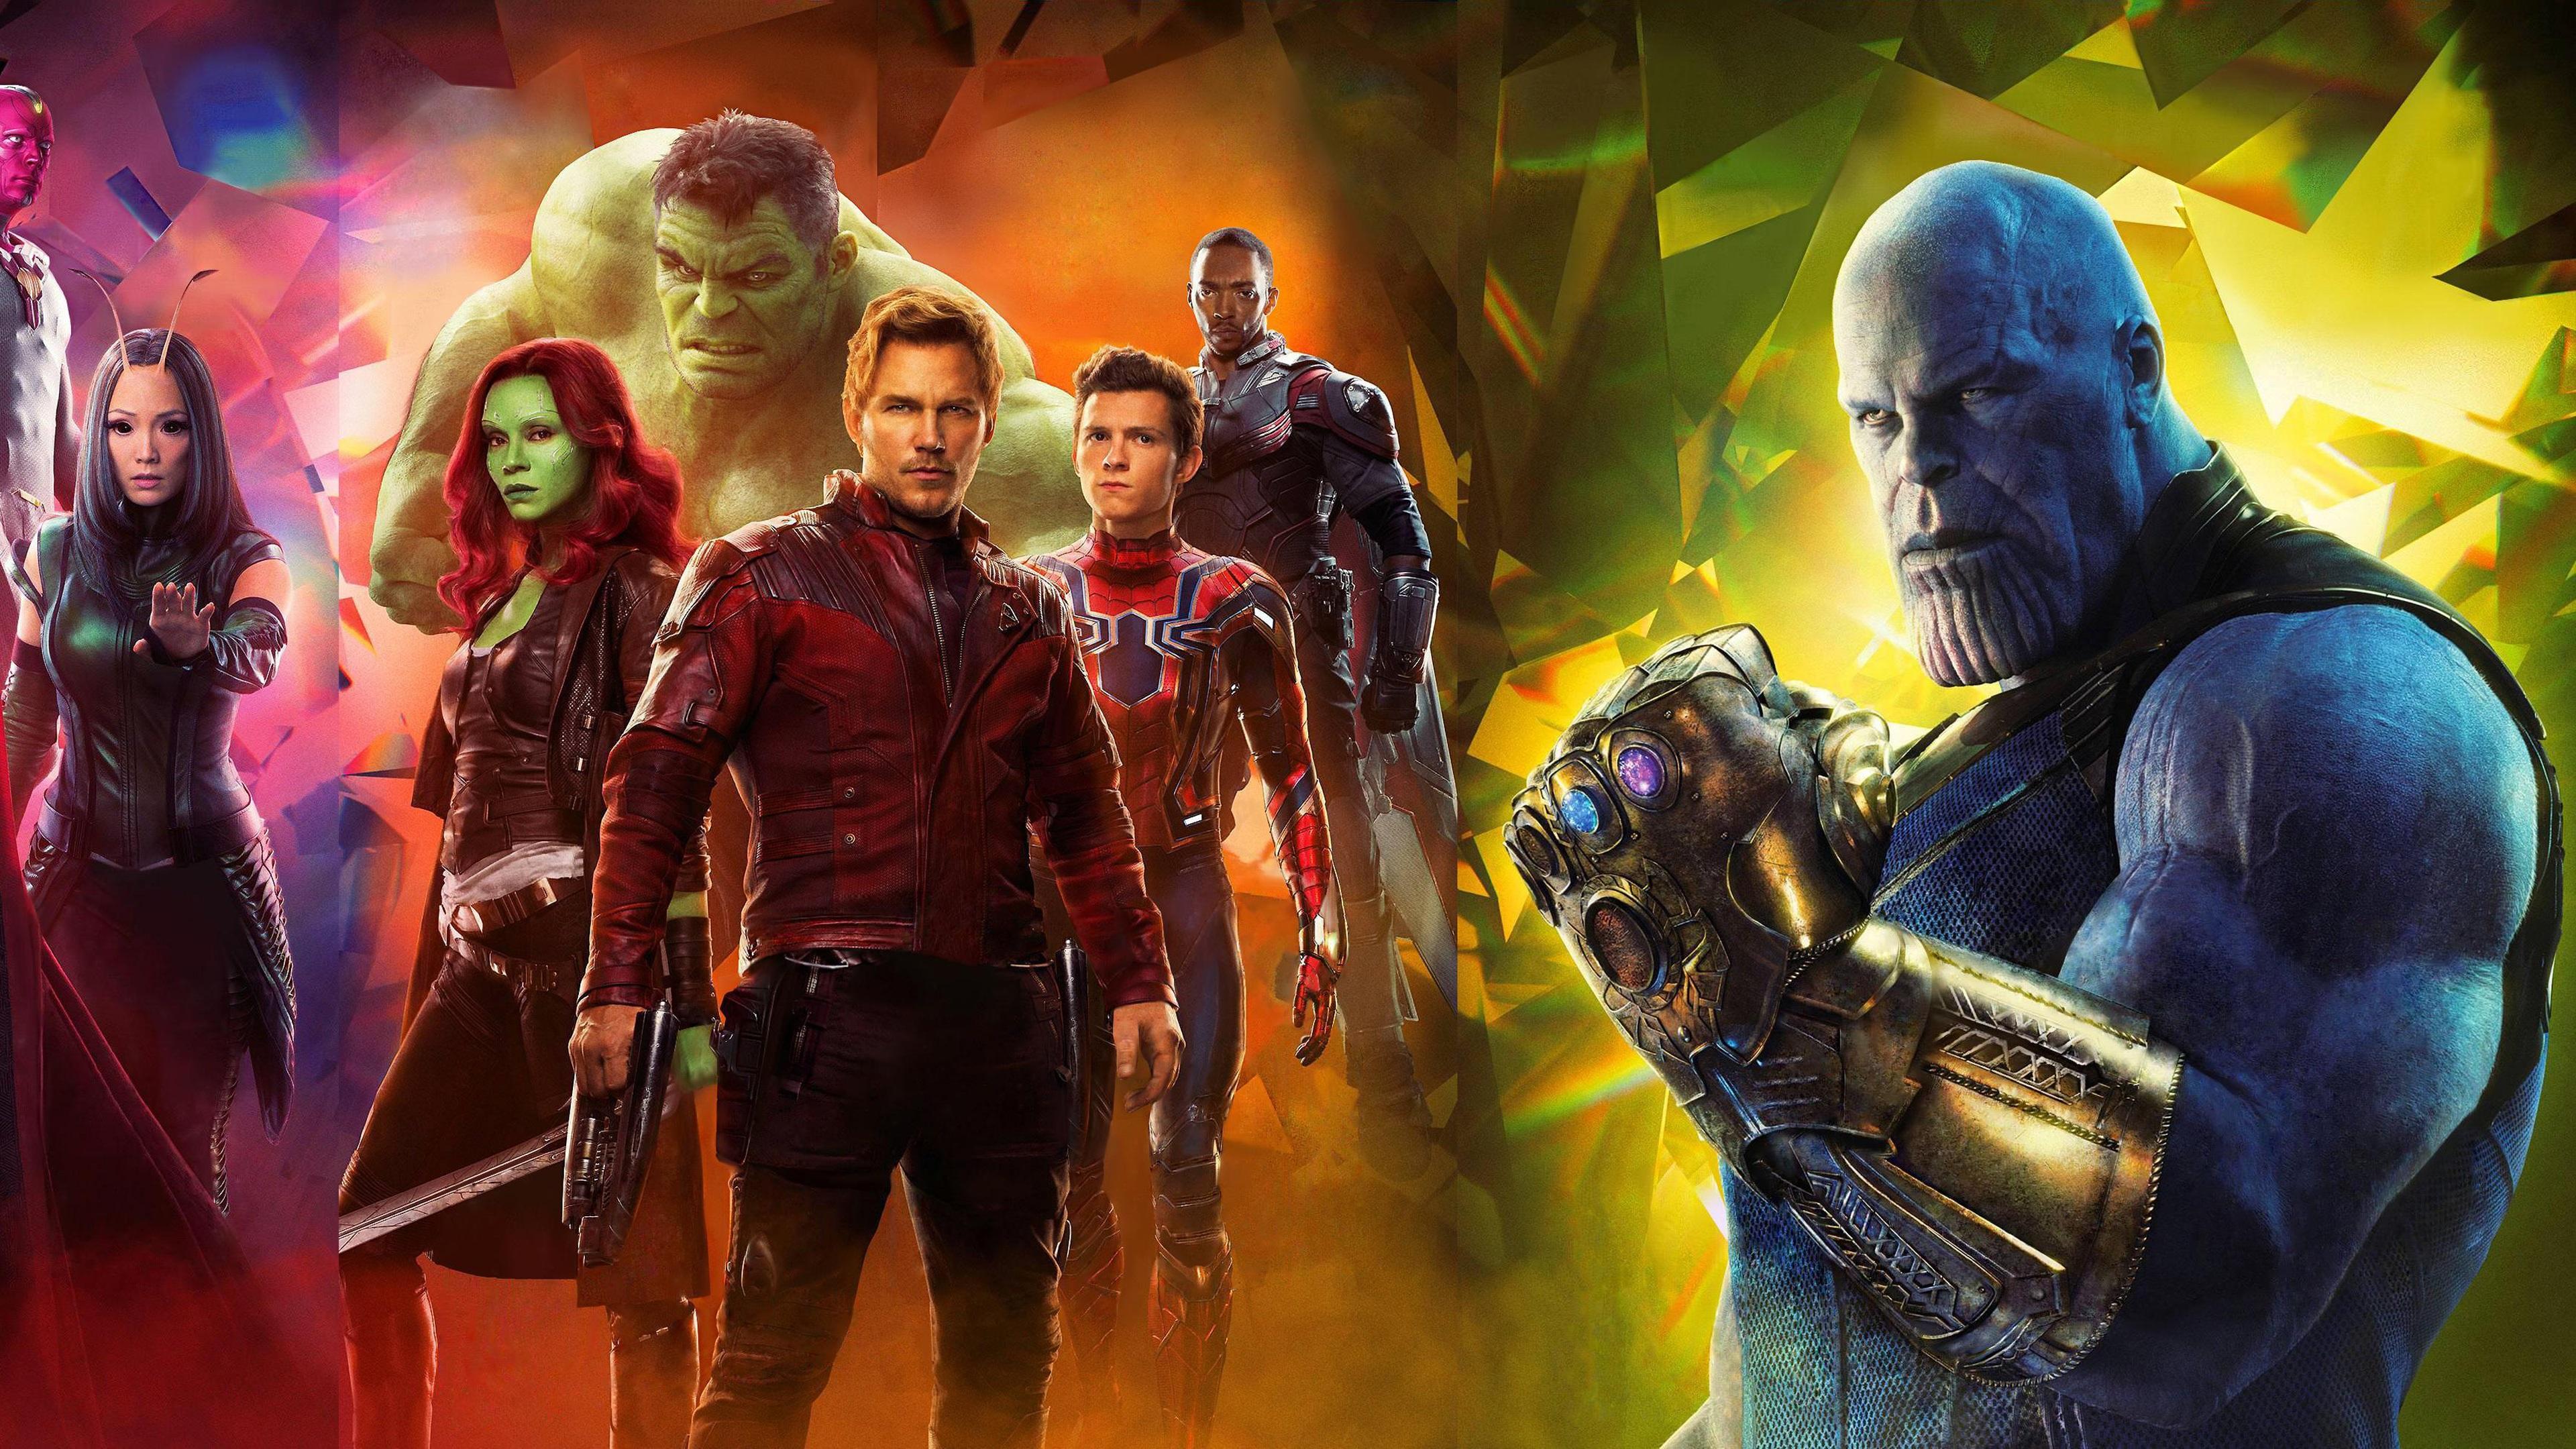 Avengers Infinity War 2018 Thanos 4k Uhd 3 2 3840x2560: Wallpaper Avengers: Infinity War, 2018 Movie, Superheroes